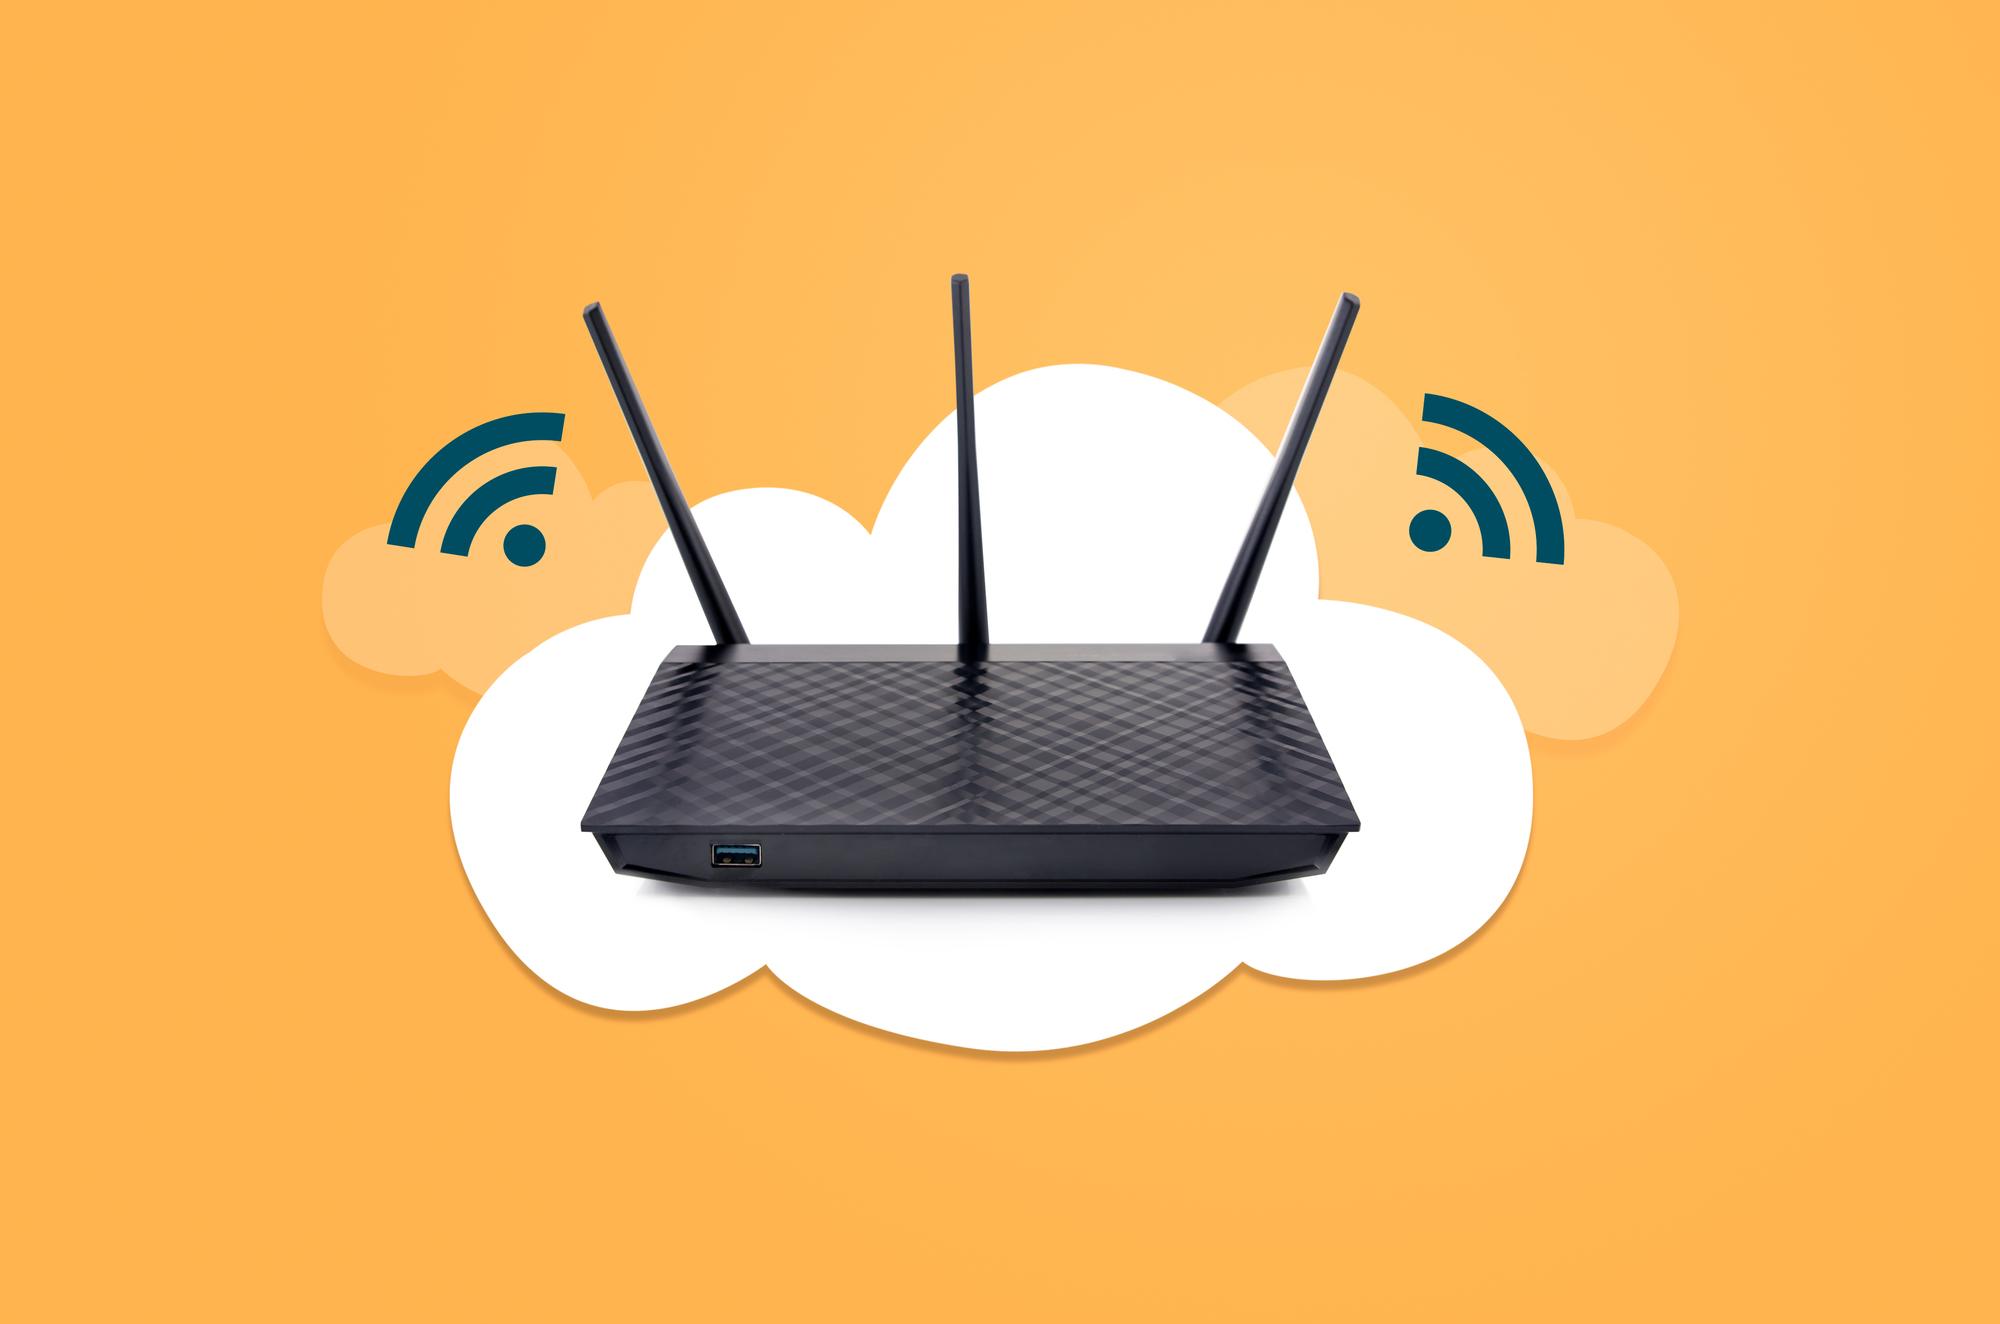 無線LANと合わせて使いたい「Wi-Fi中継器」について